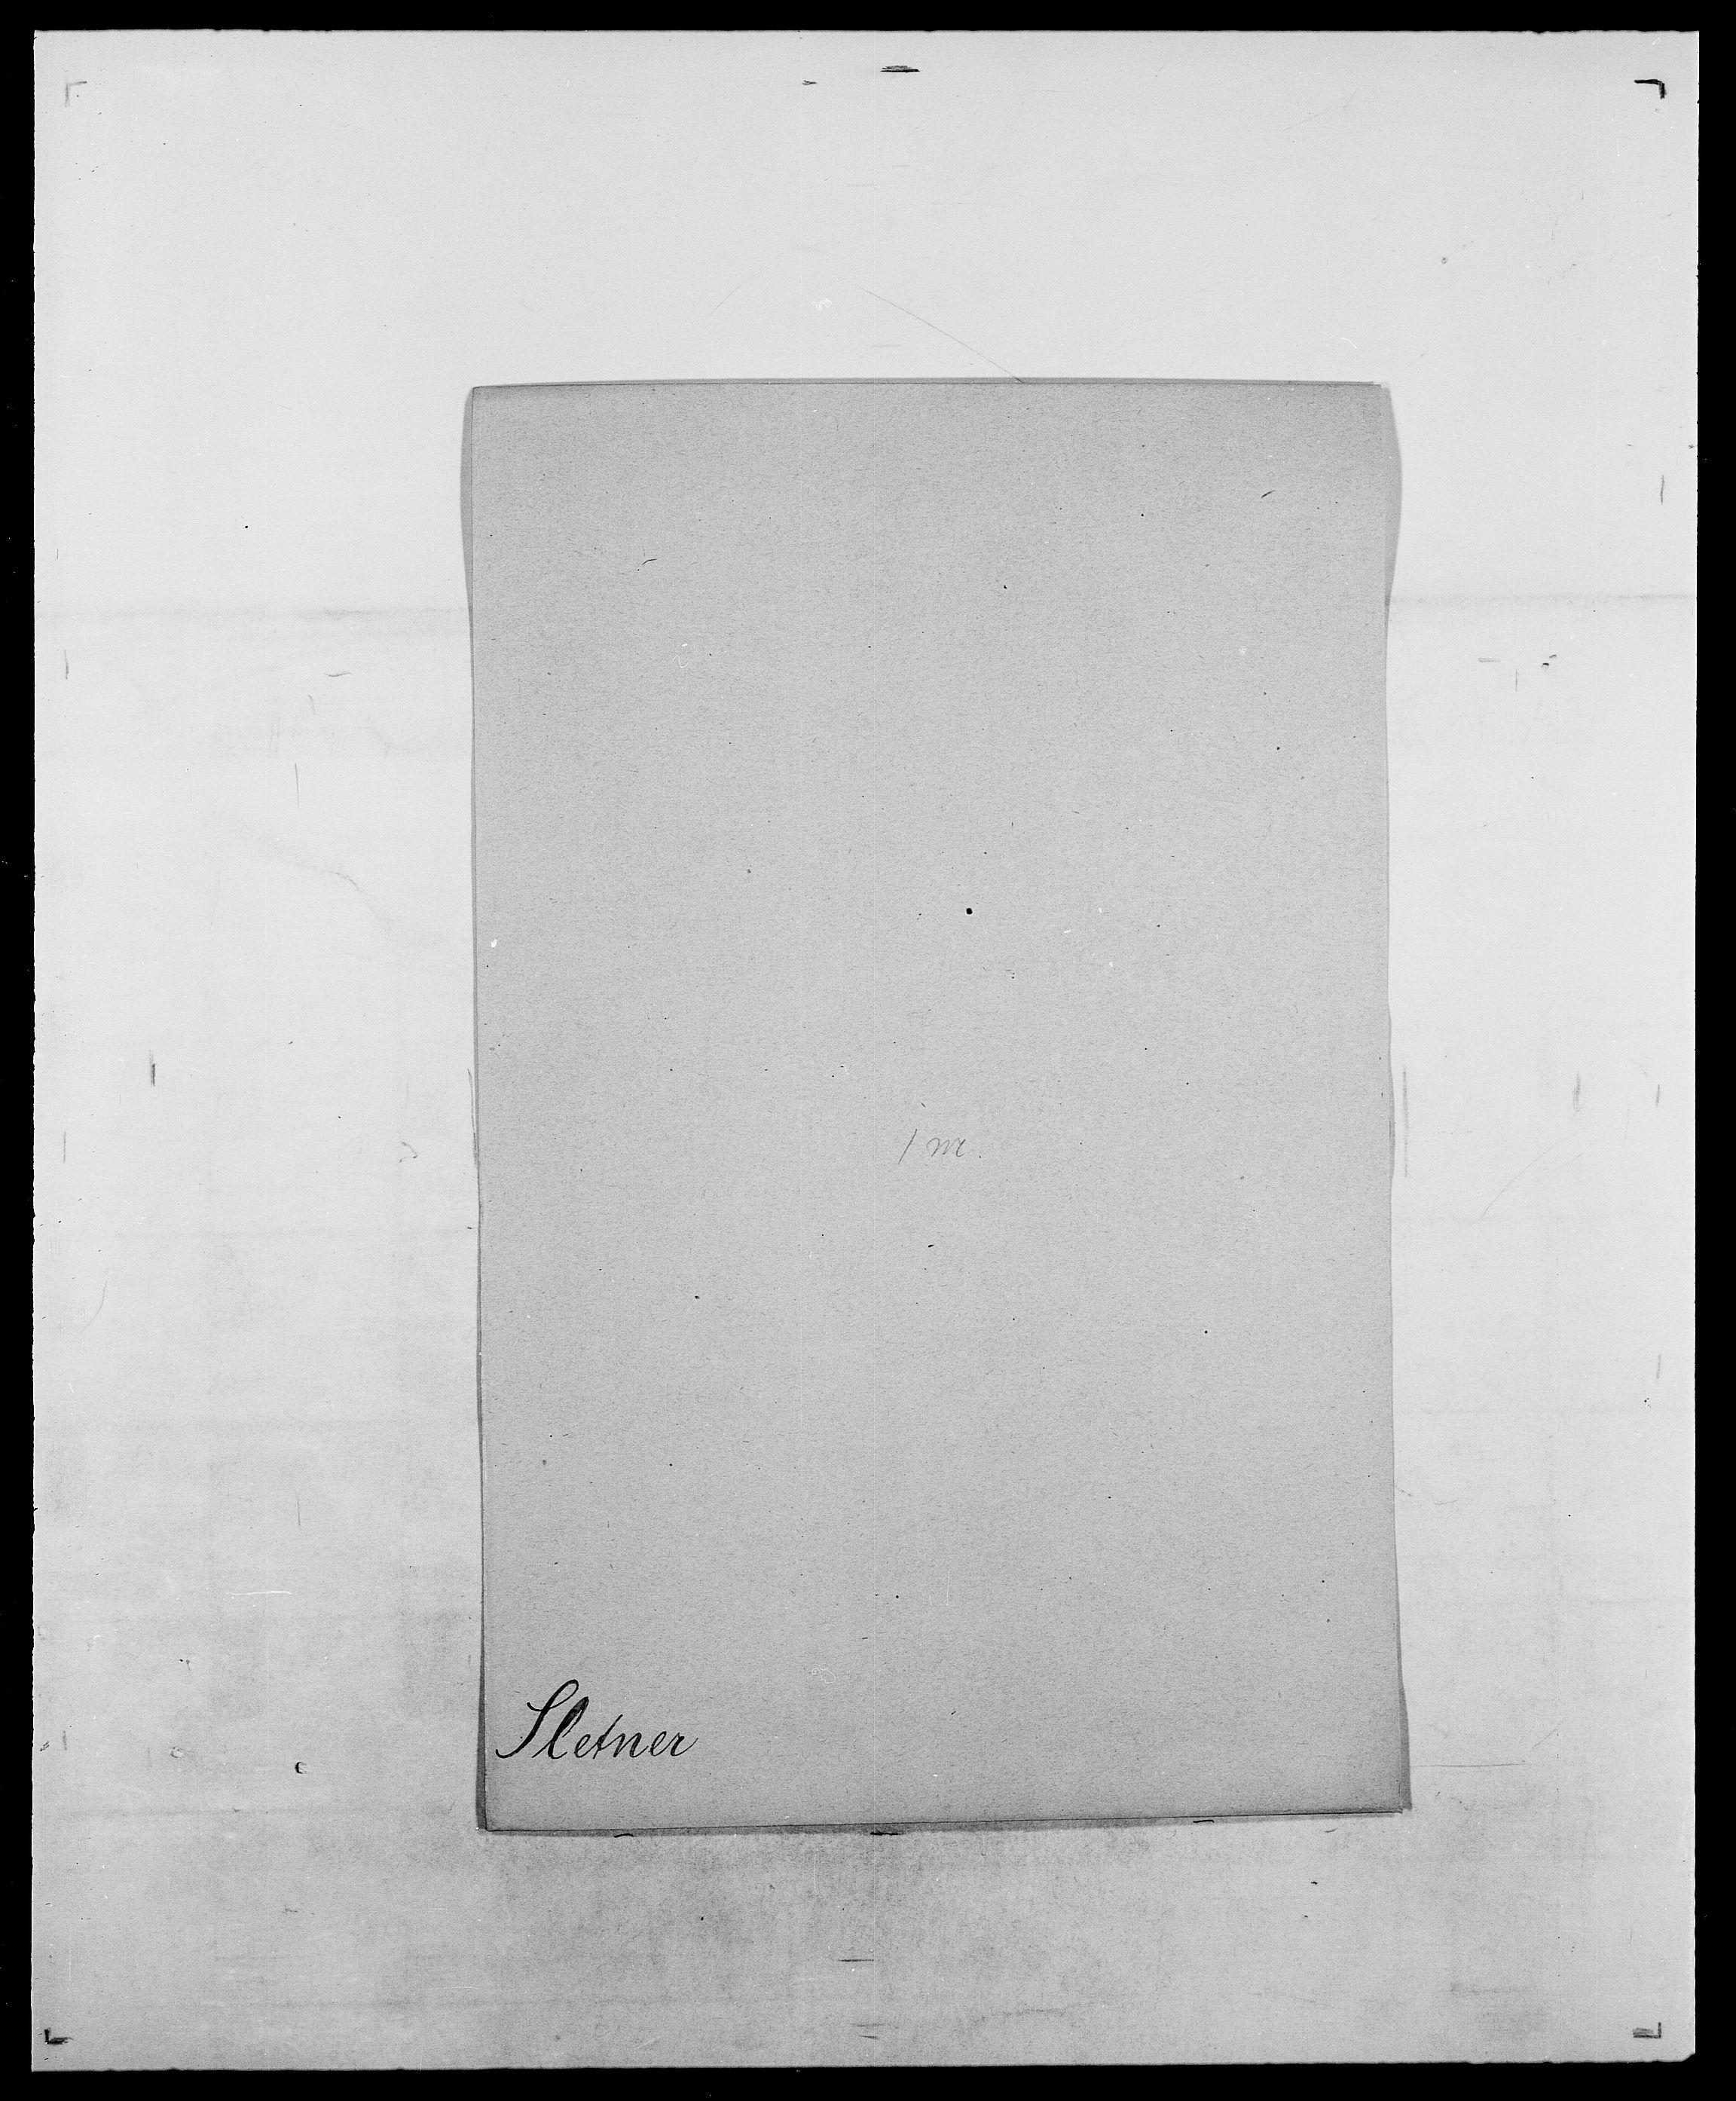 SAO, Delgobe, Charles Antoine - samling, D/Da/L0036: Skaanør - Staverskov, s. 88